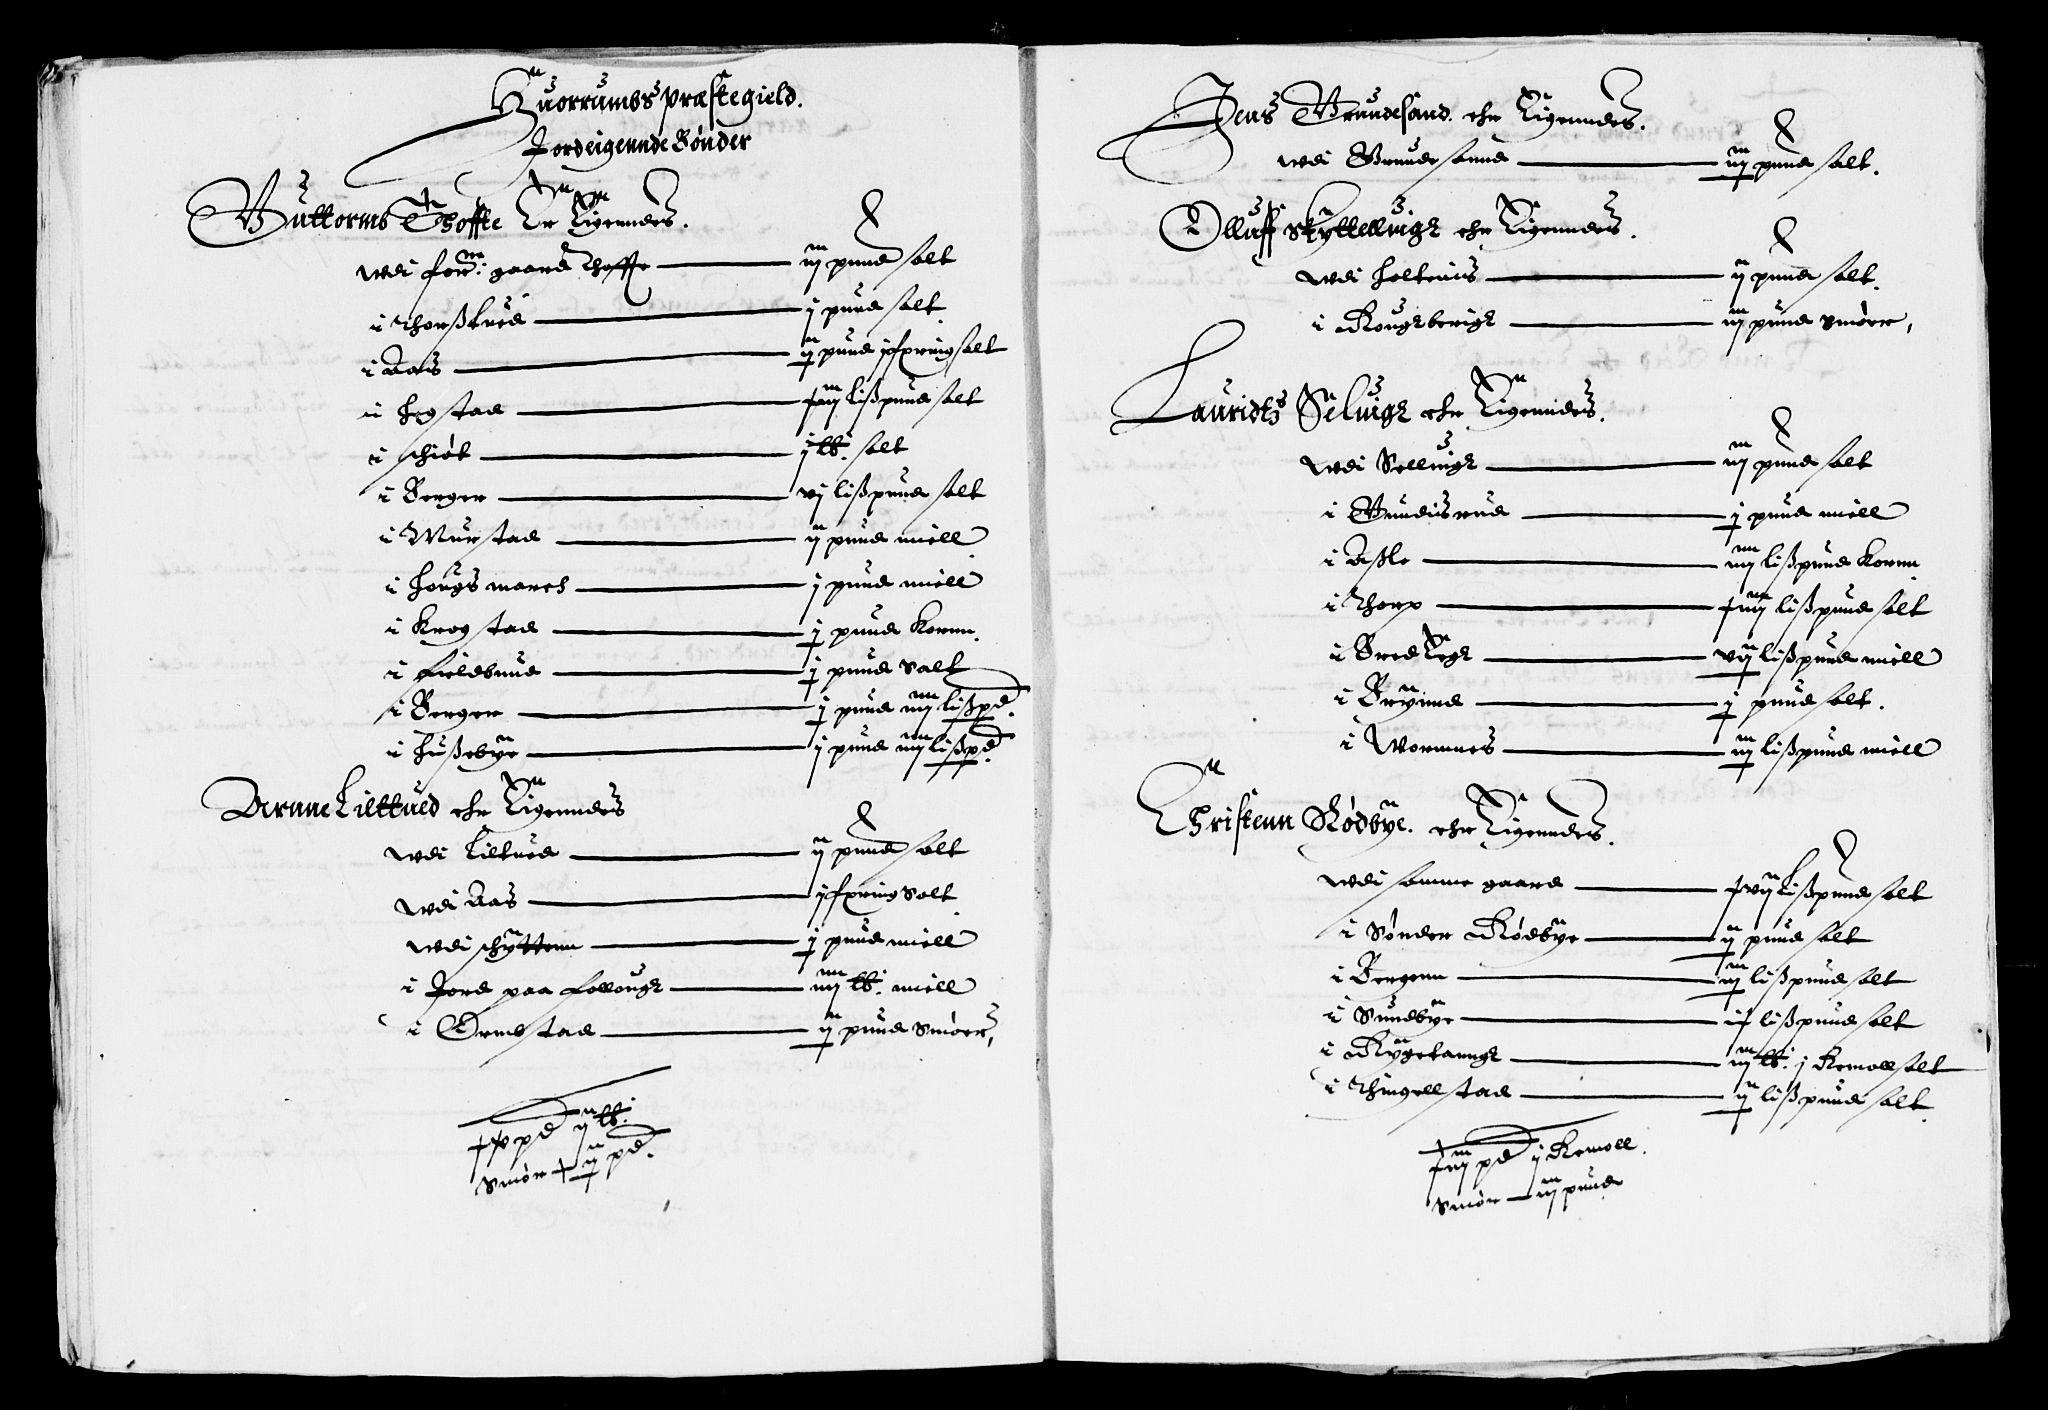 RA, Rentekammeret inntil 1814, Reviderte regnskaper, Lensregnskaper, R/Rb/Rba/L0138: Akershus len, 1632-1639